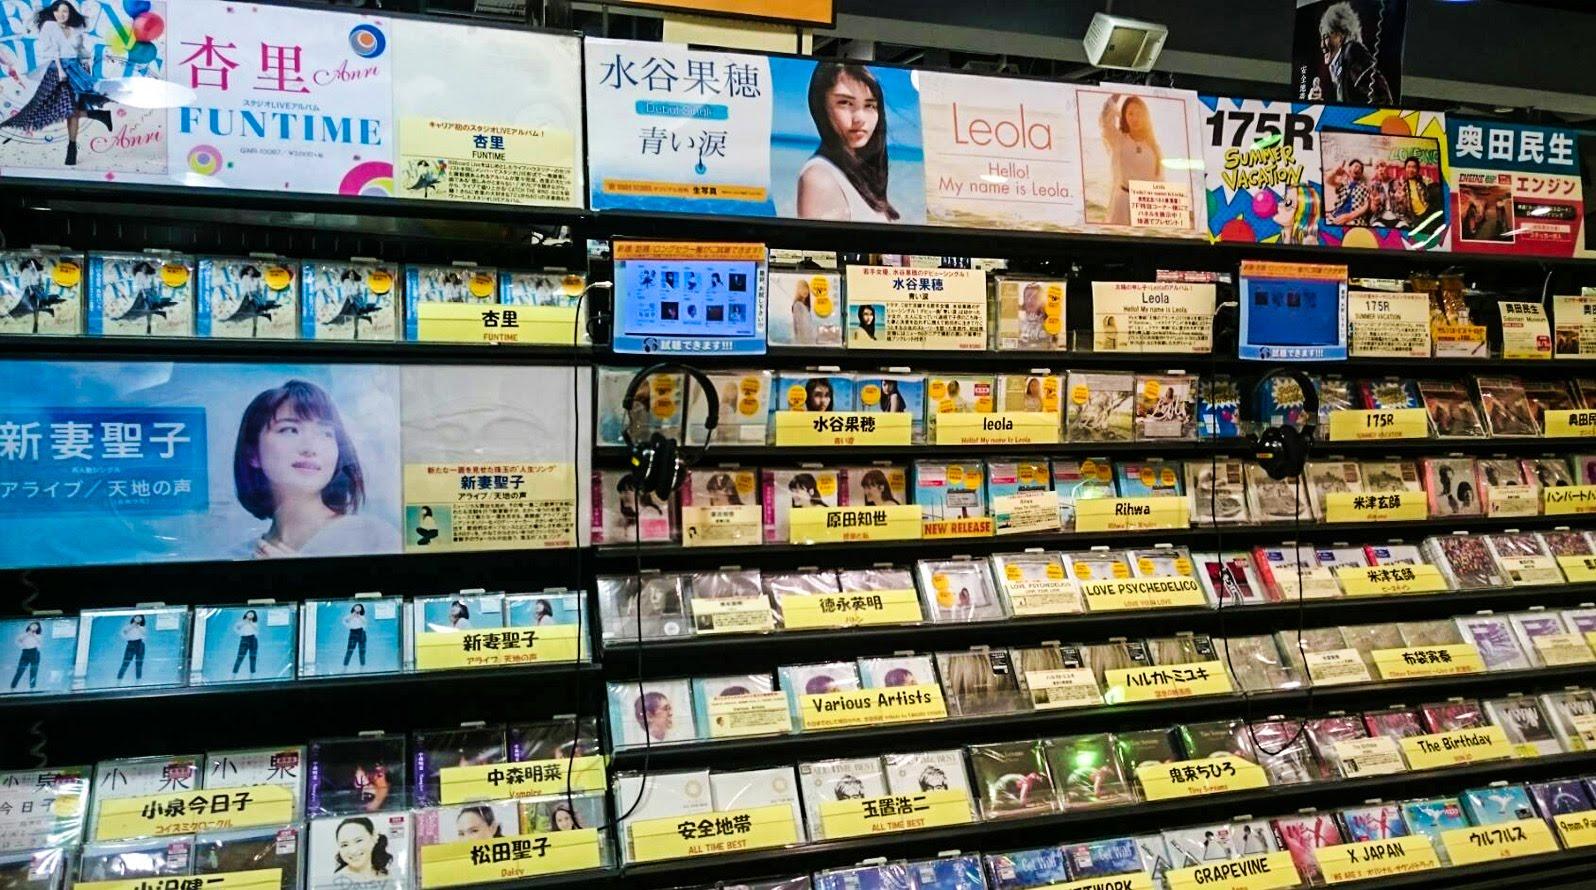 日本 CD店 整理簡介ー全新CD篇(2020更新)